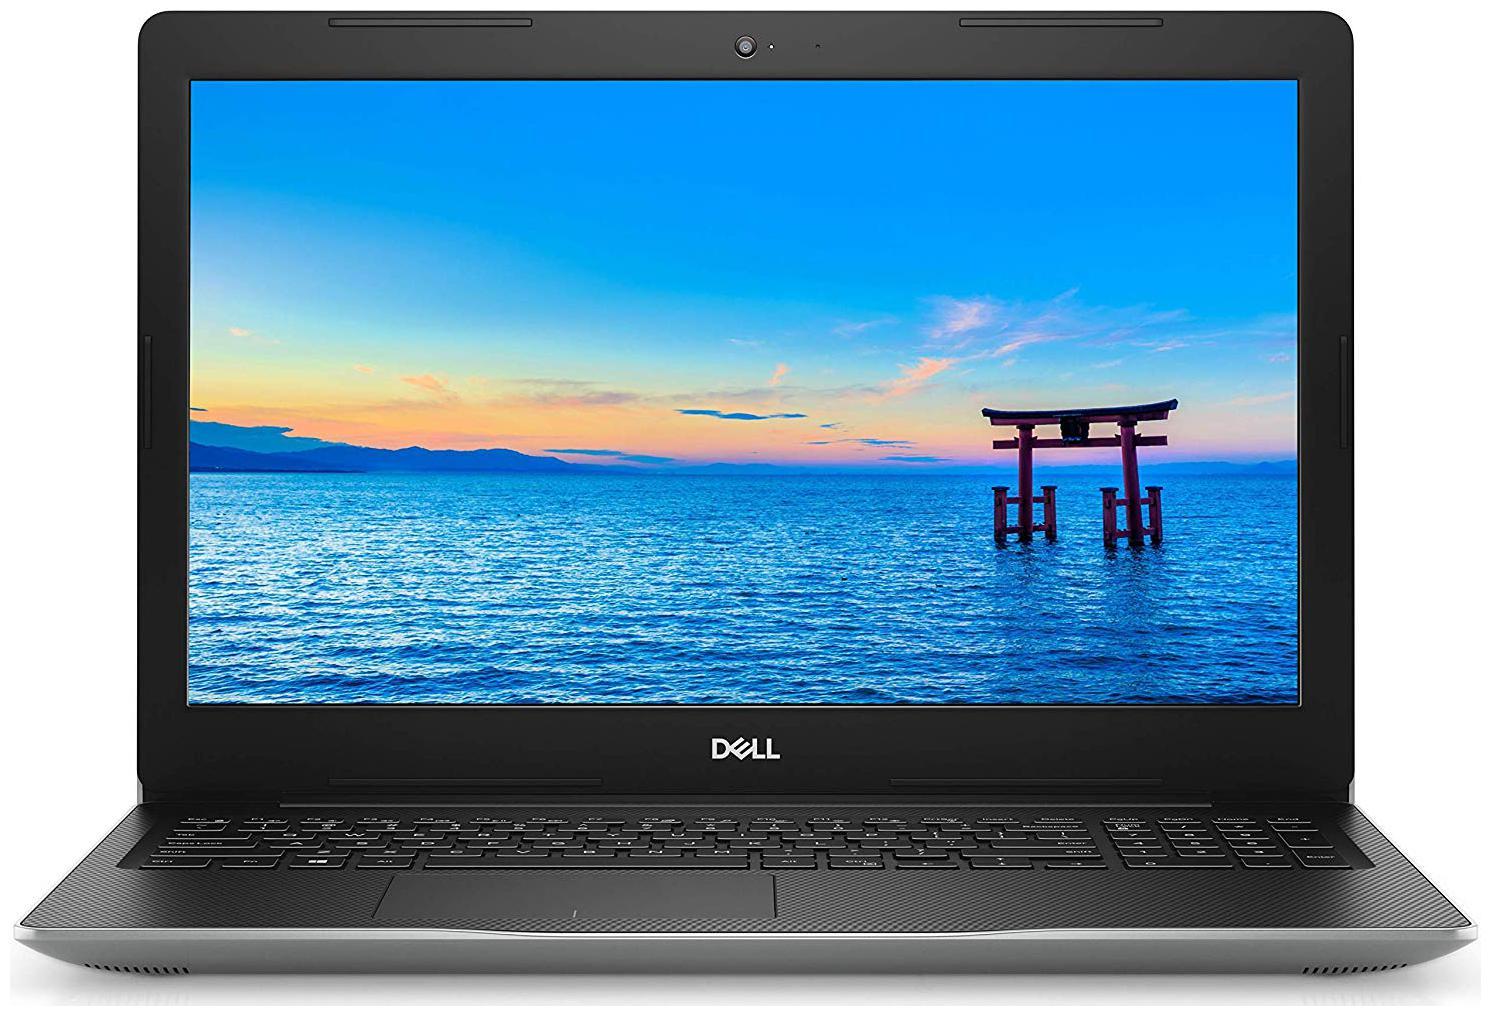 dell inspiron laptop15 3584 slv c563102 price in india